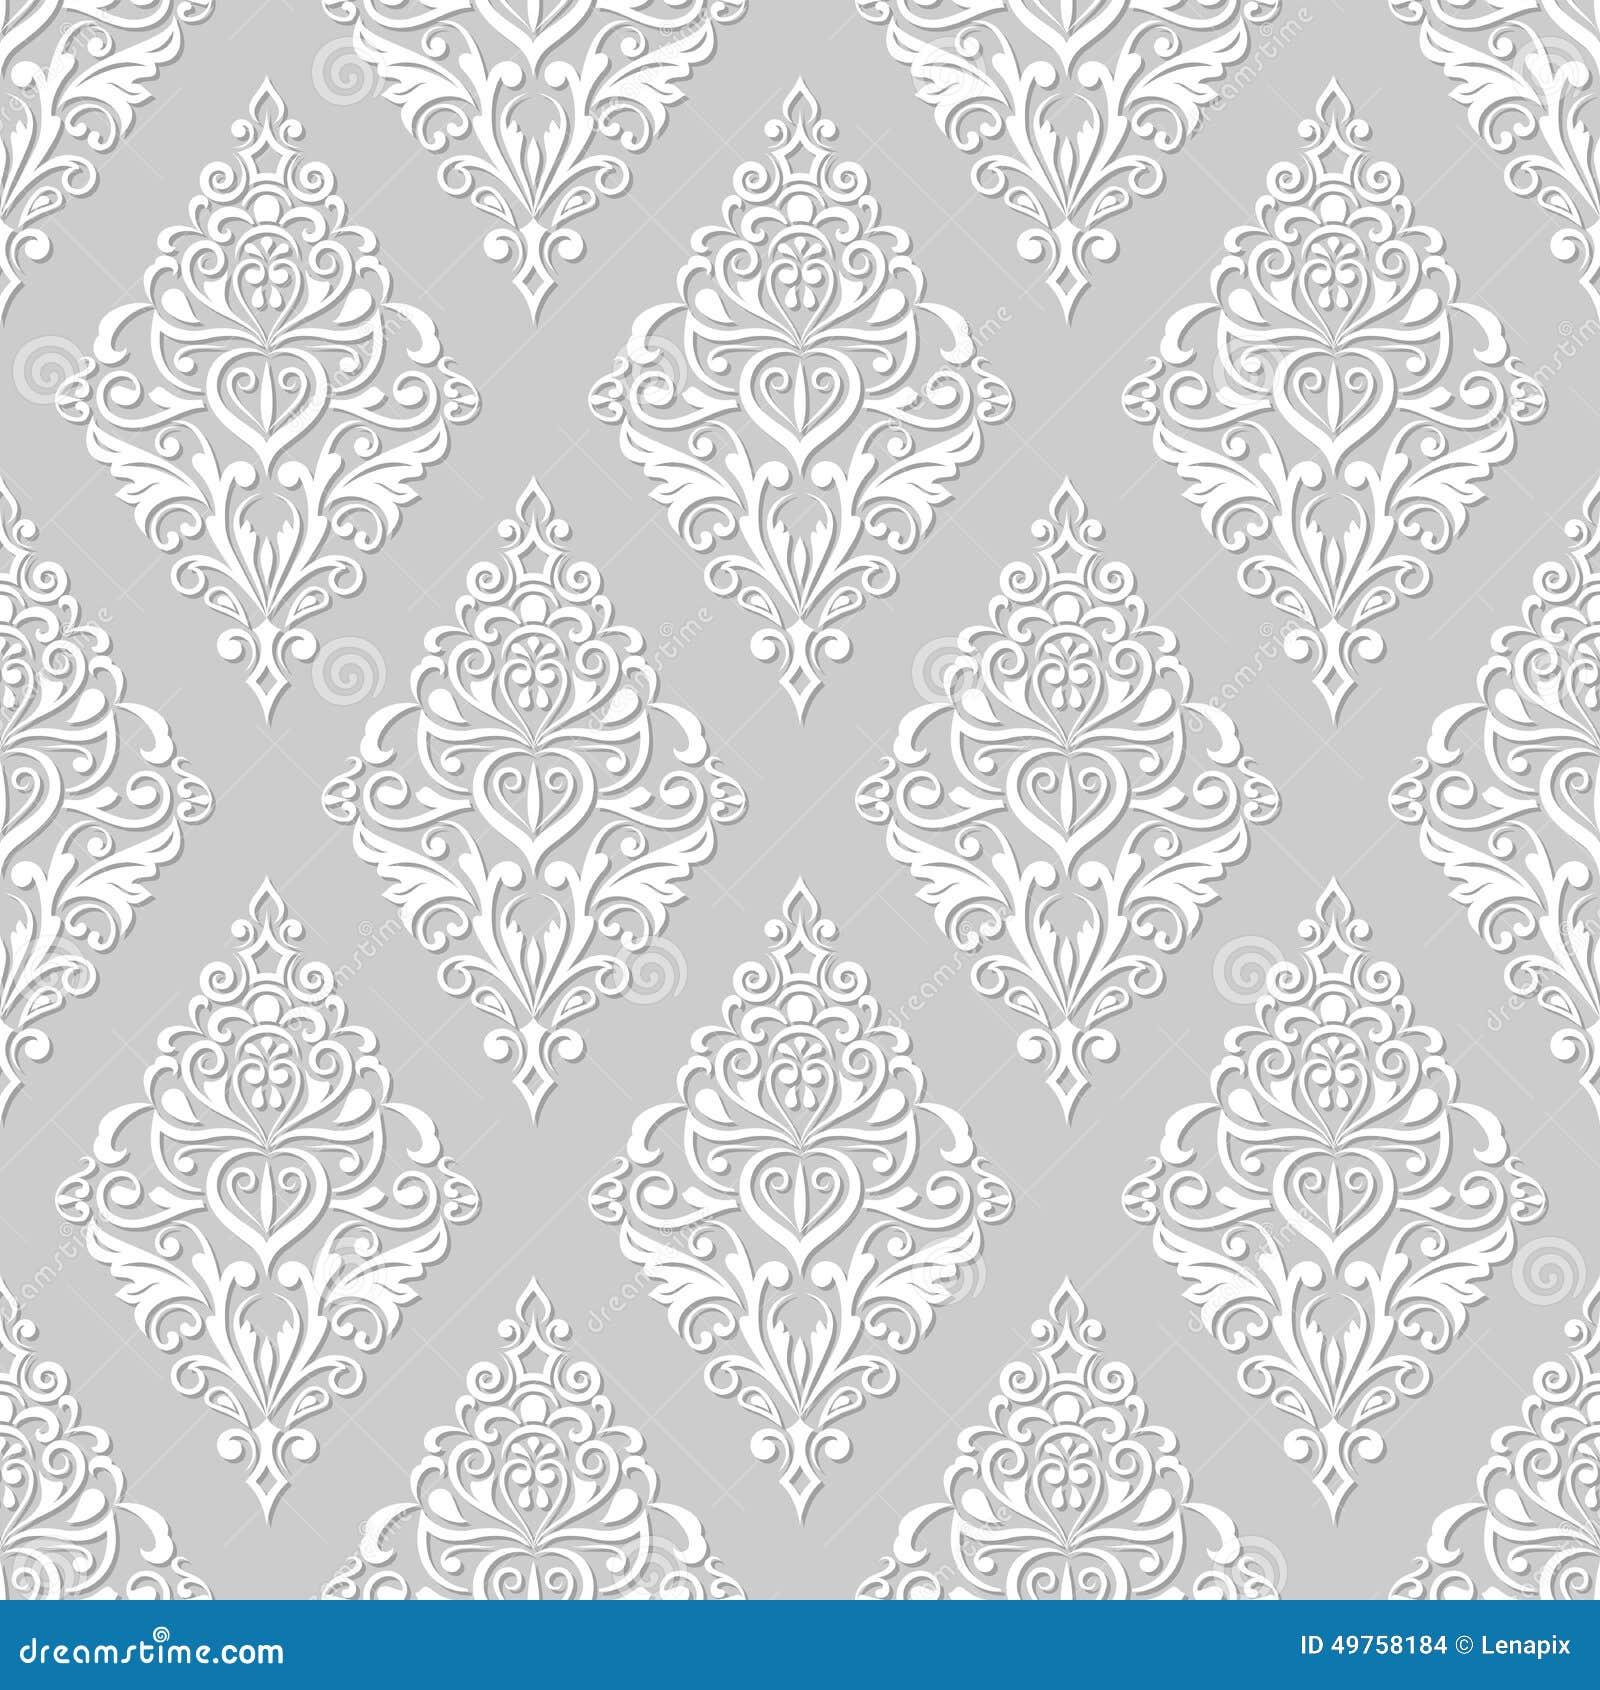 carta da parati floreale bianca e grigia illustrazione